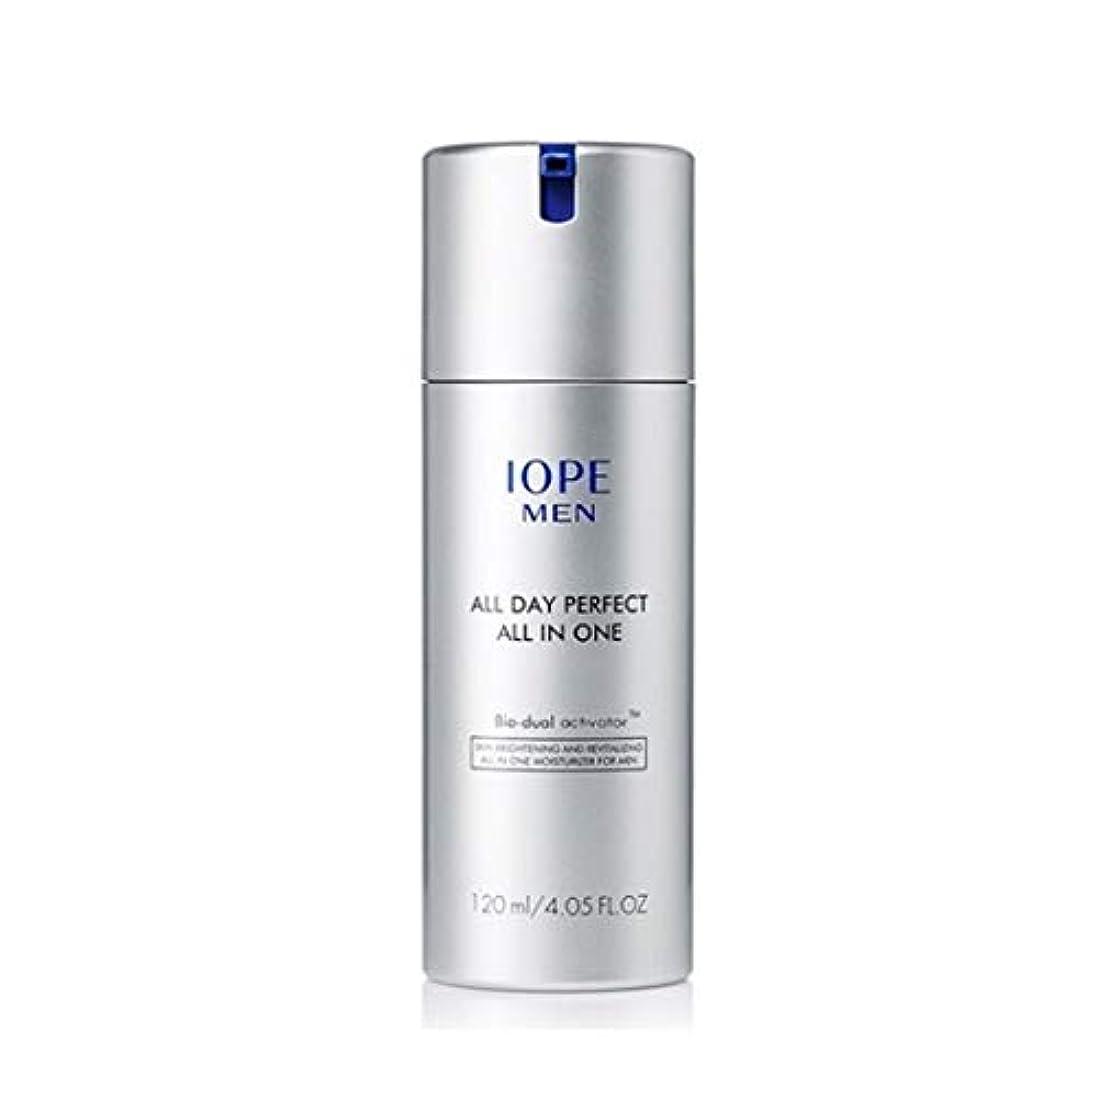 自殺クリップ蝶シェルアイオペメンズコスメオールデイパーフェクトオールインワン120ml 韓国コスメ、IOPE Men All Day Perfect All in One 120ml Men's Cosmetics Korean Cosmetics...